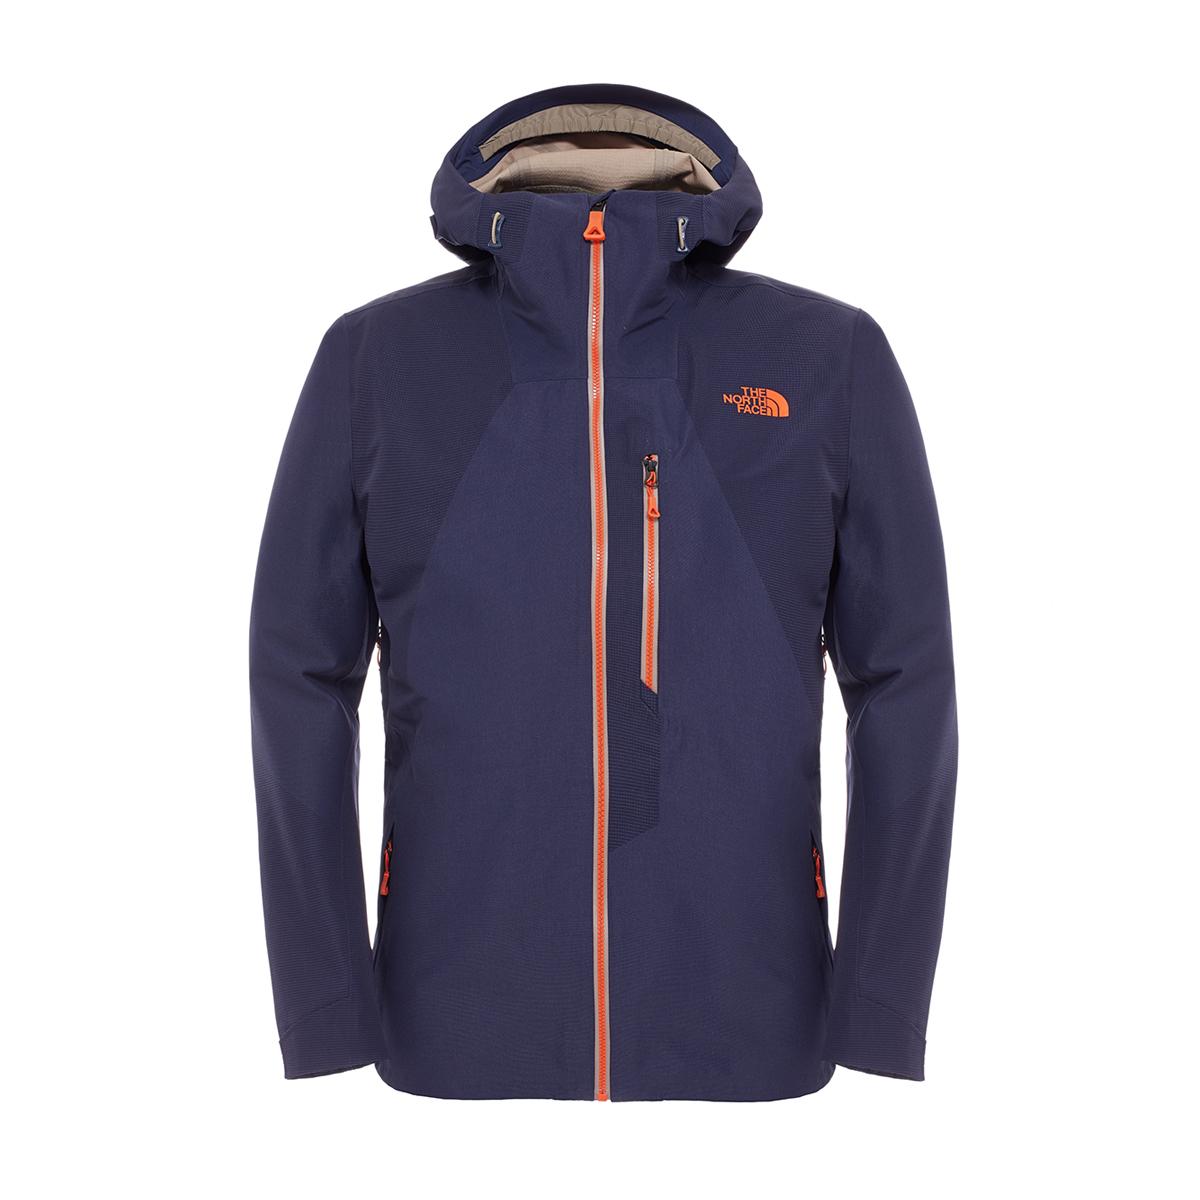 check out 38601 c5c6b FuseForm Brigandine 3L Jacket